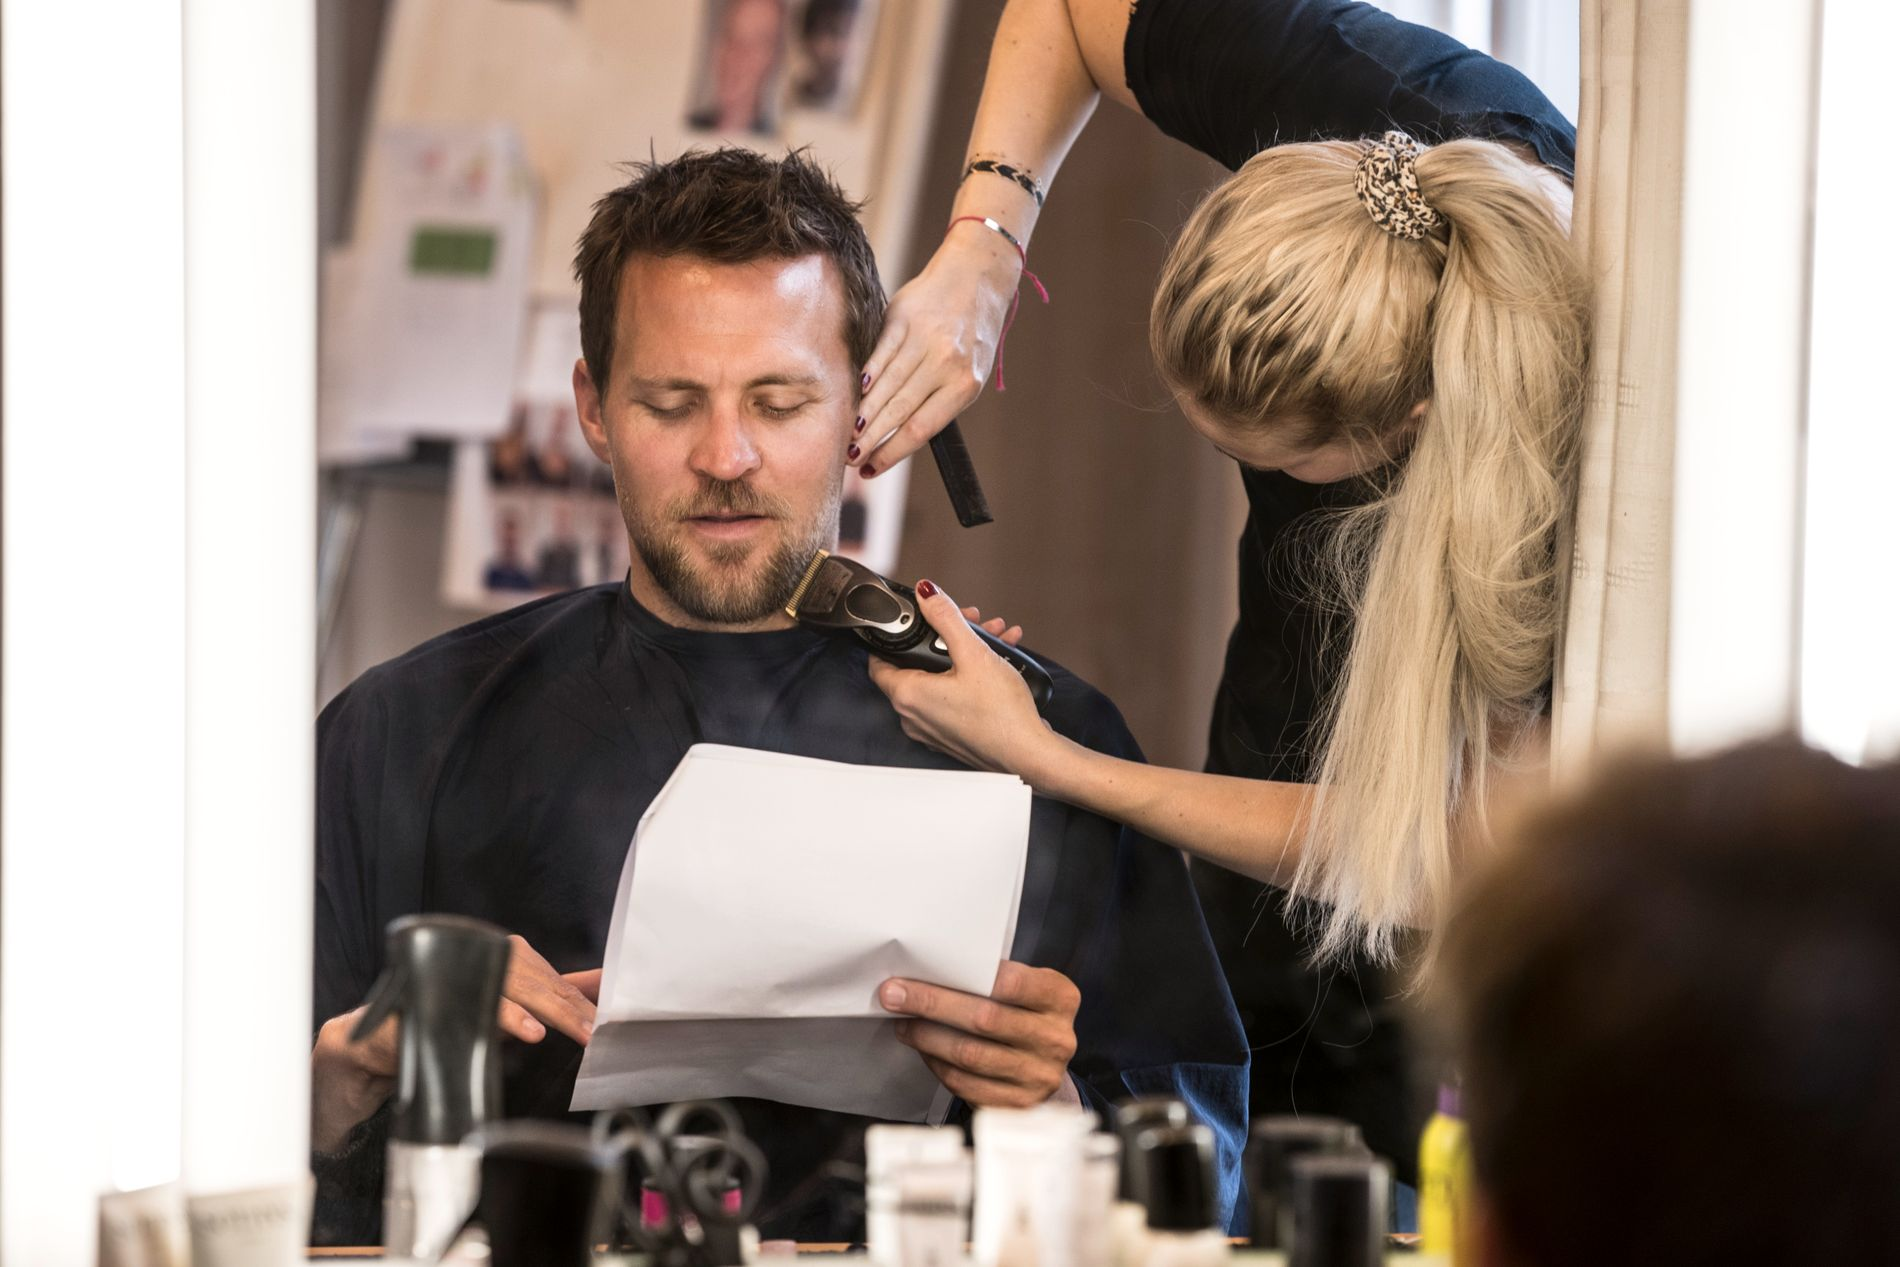 JUSTERES: Millimetre stusses fra Tobias' skjegg av fagsjef for sminke, Stine Hagen, annenhver dag for at han skal passe inn i rollen som etterforsker Nikolai. Santelmann hevder han får selvtillit på egen skjeggvekst av prosessen.